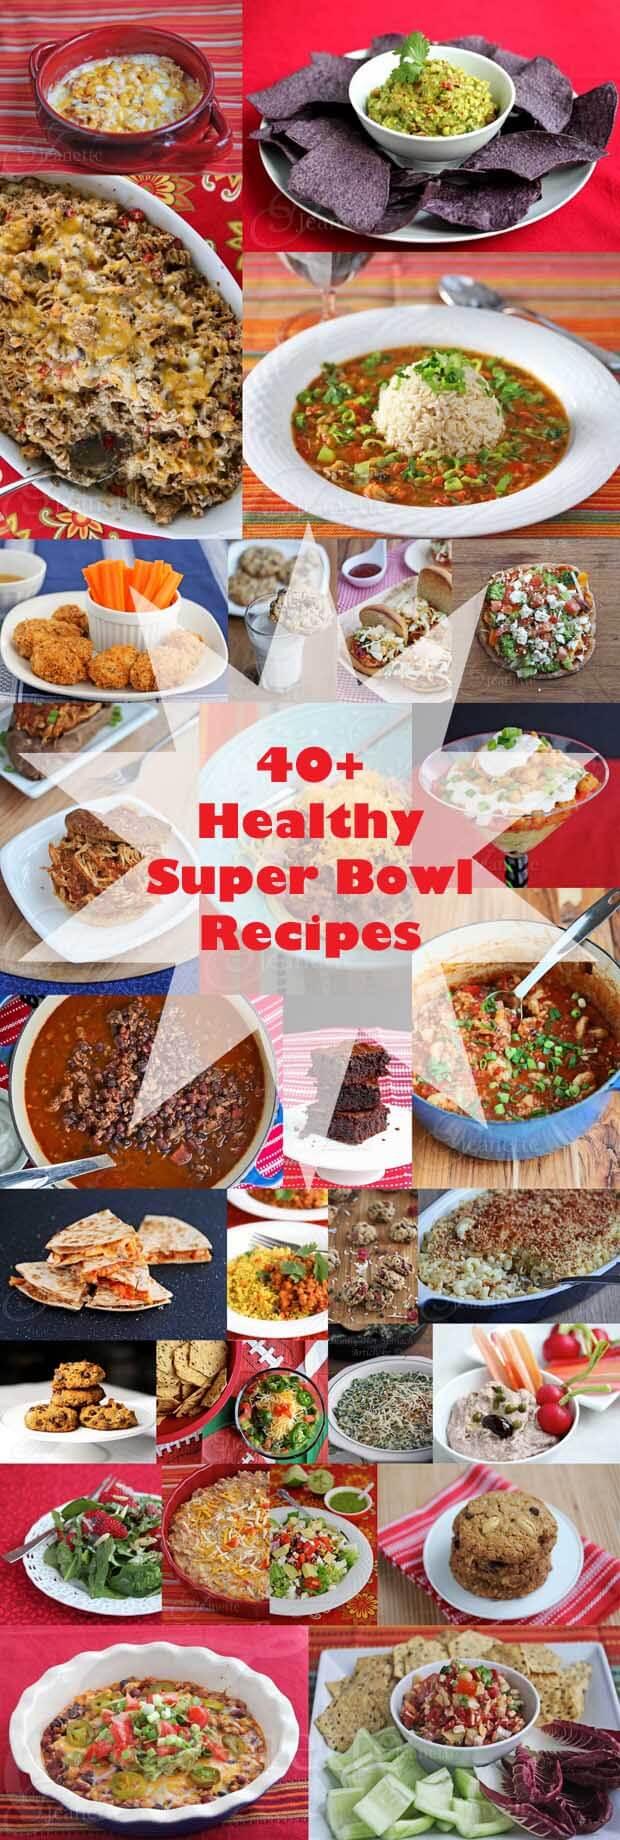 40+ Healthy Super Bowl Recipes